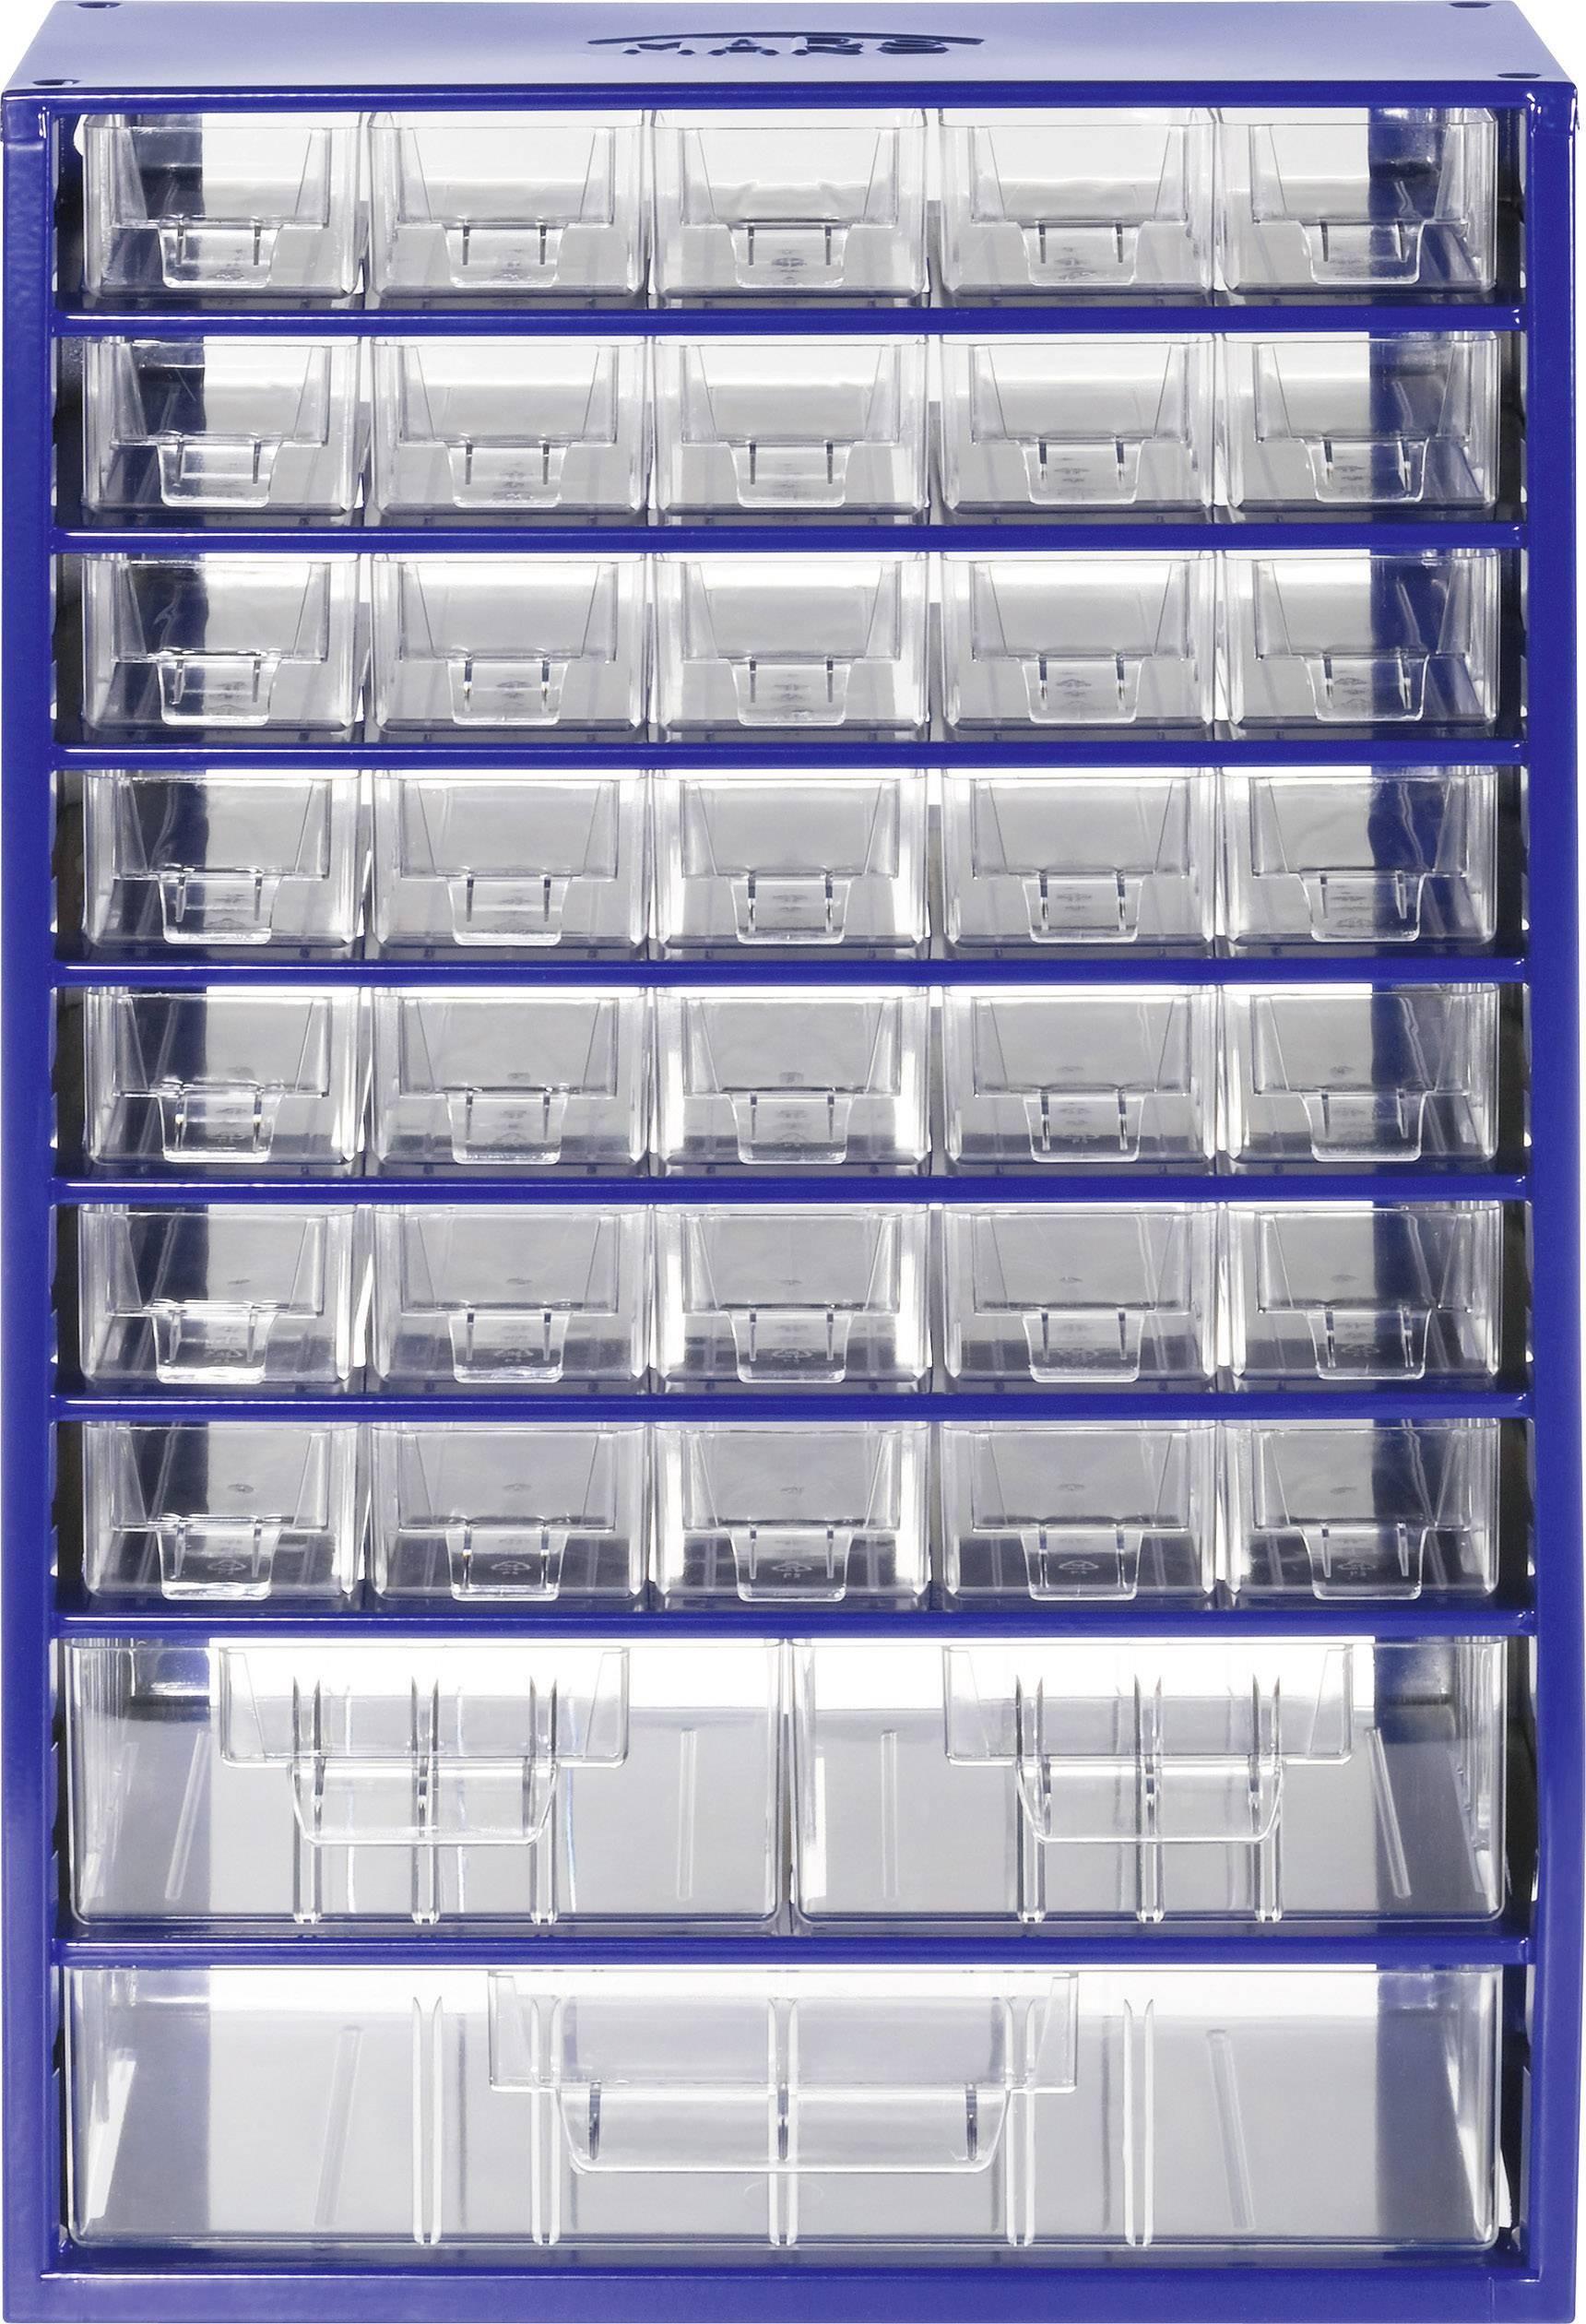 Skrinka na drobné súčiastky 844950, priečinkov: 38, 307 x 155 x 464 , modrá, priehľadná